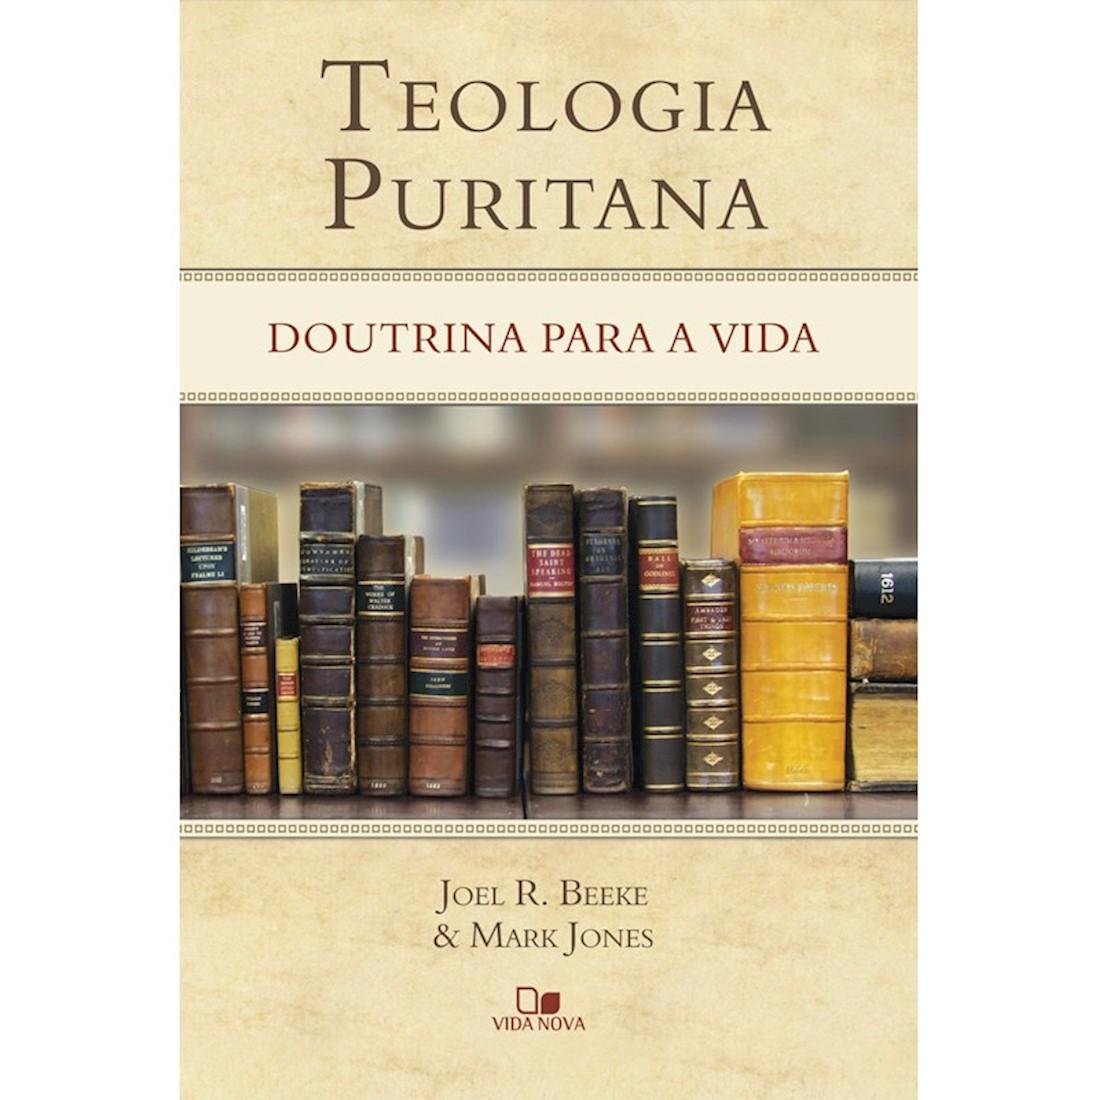 Livro Teologia Puritana